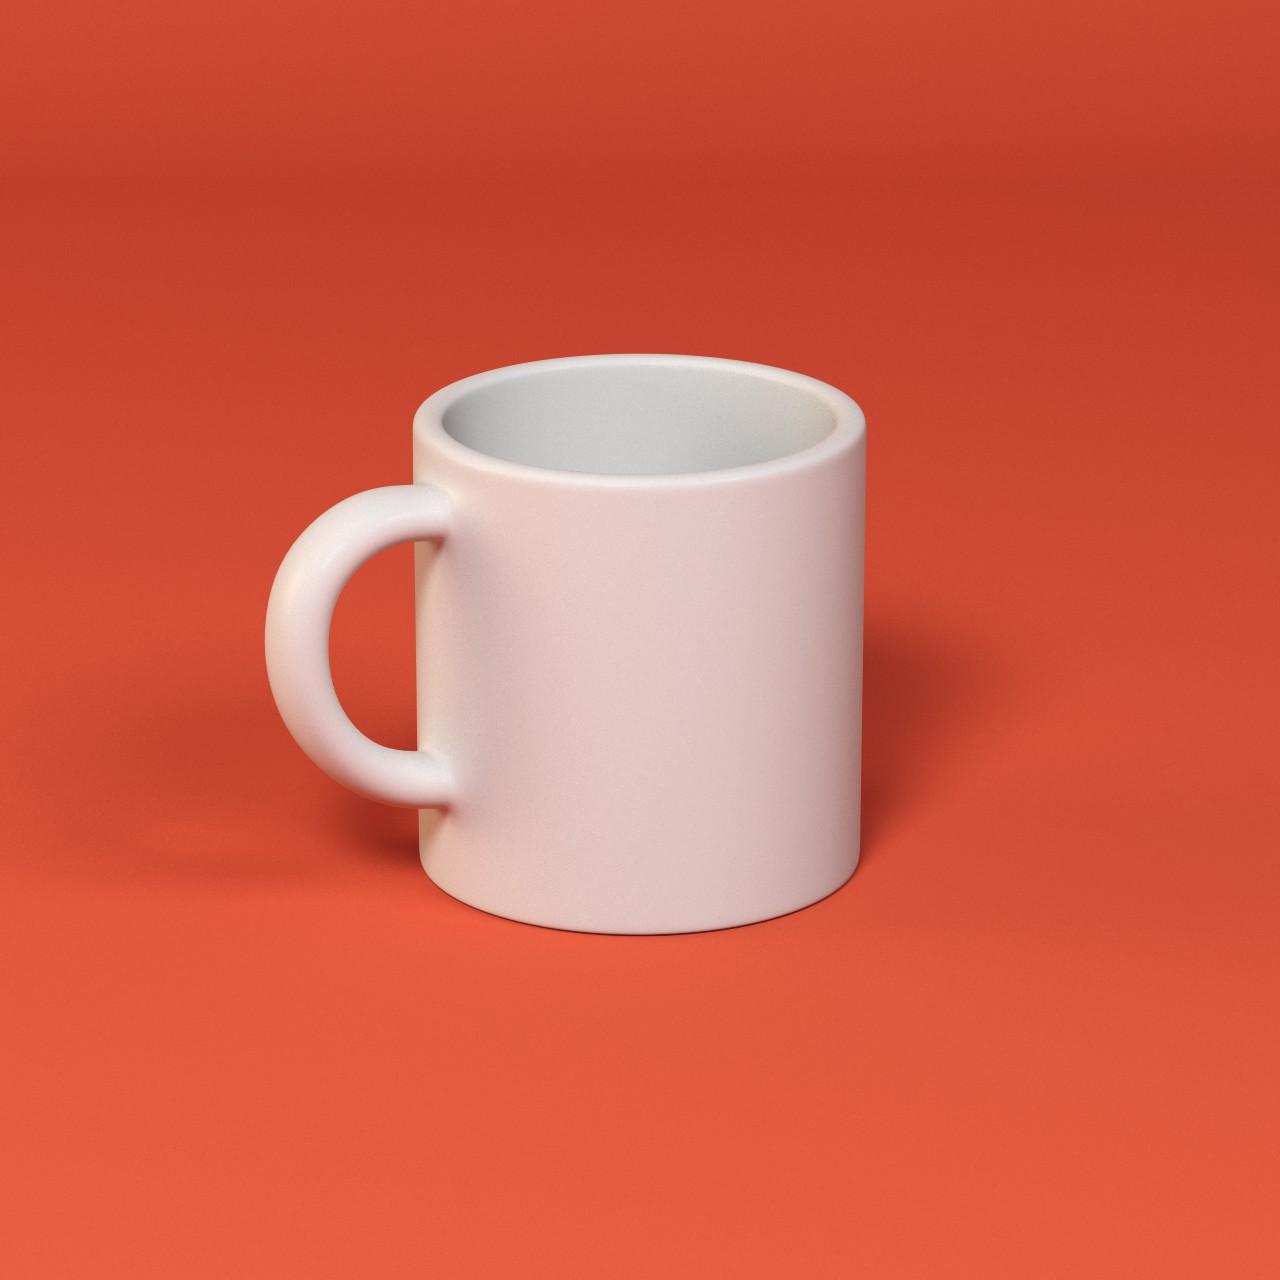 mug_v1_1.jpg